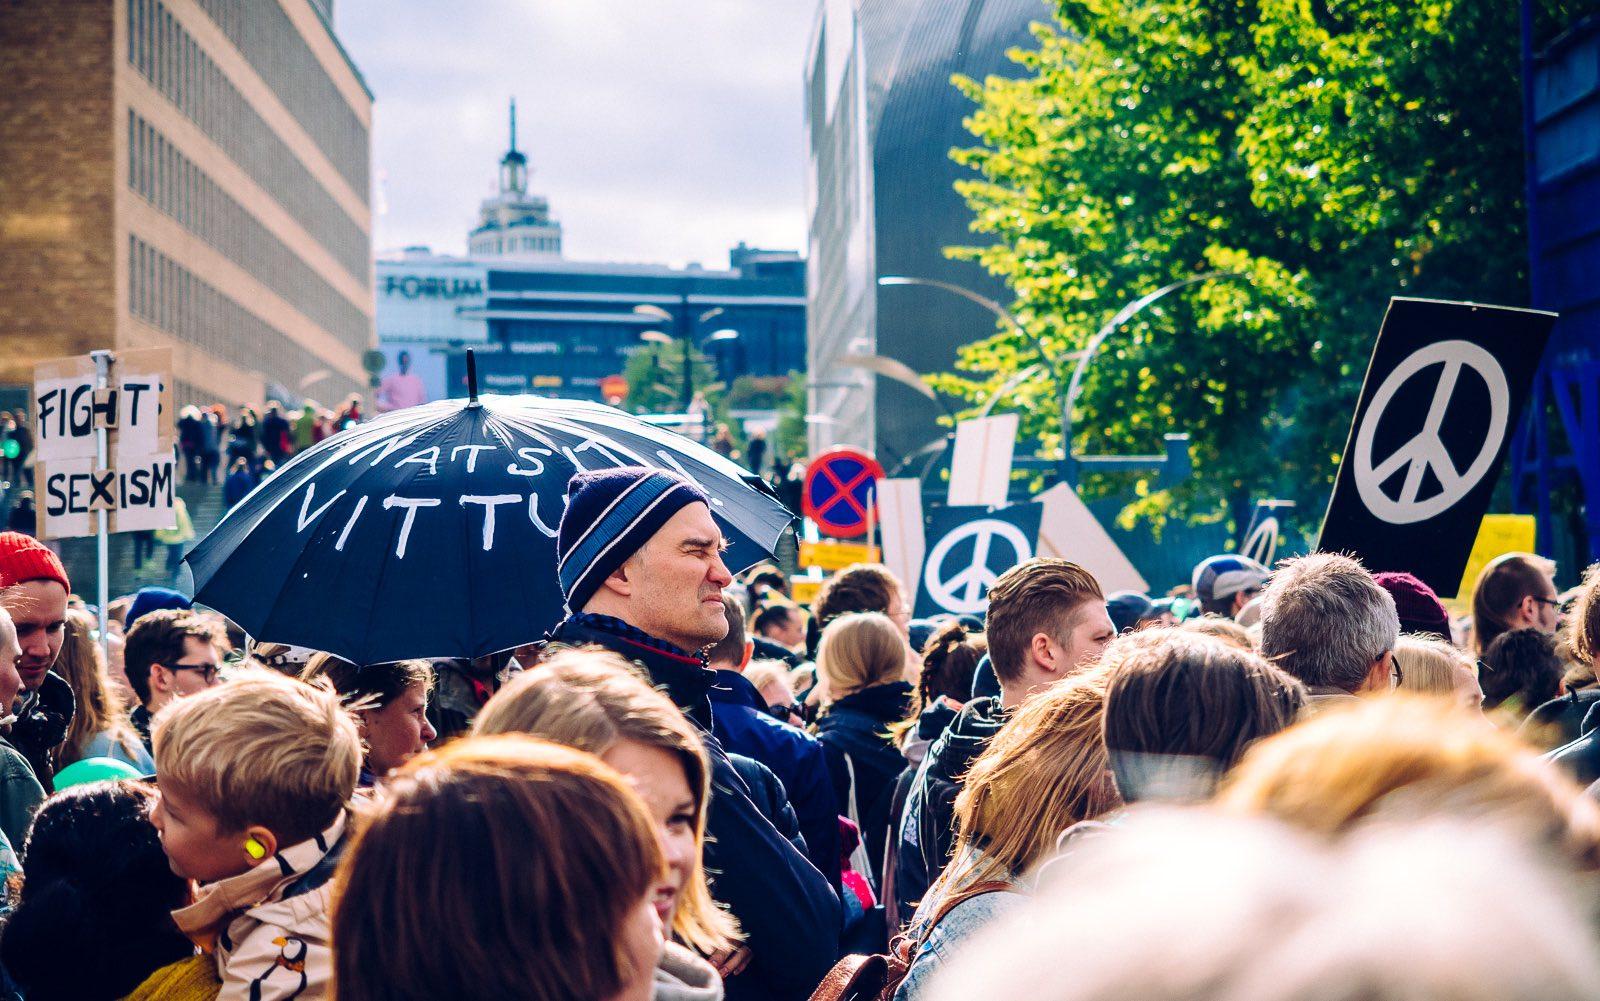 peli-poikki-anti-racist-march-1